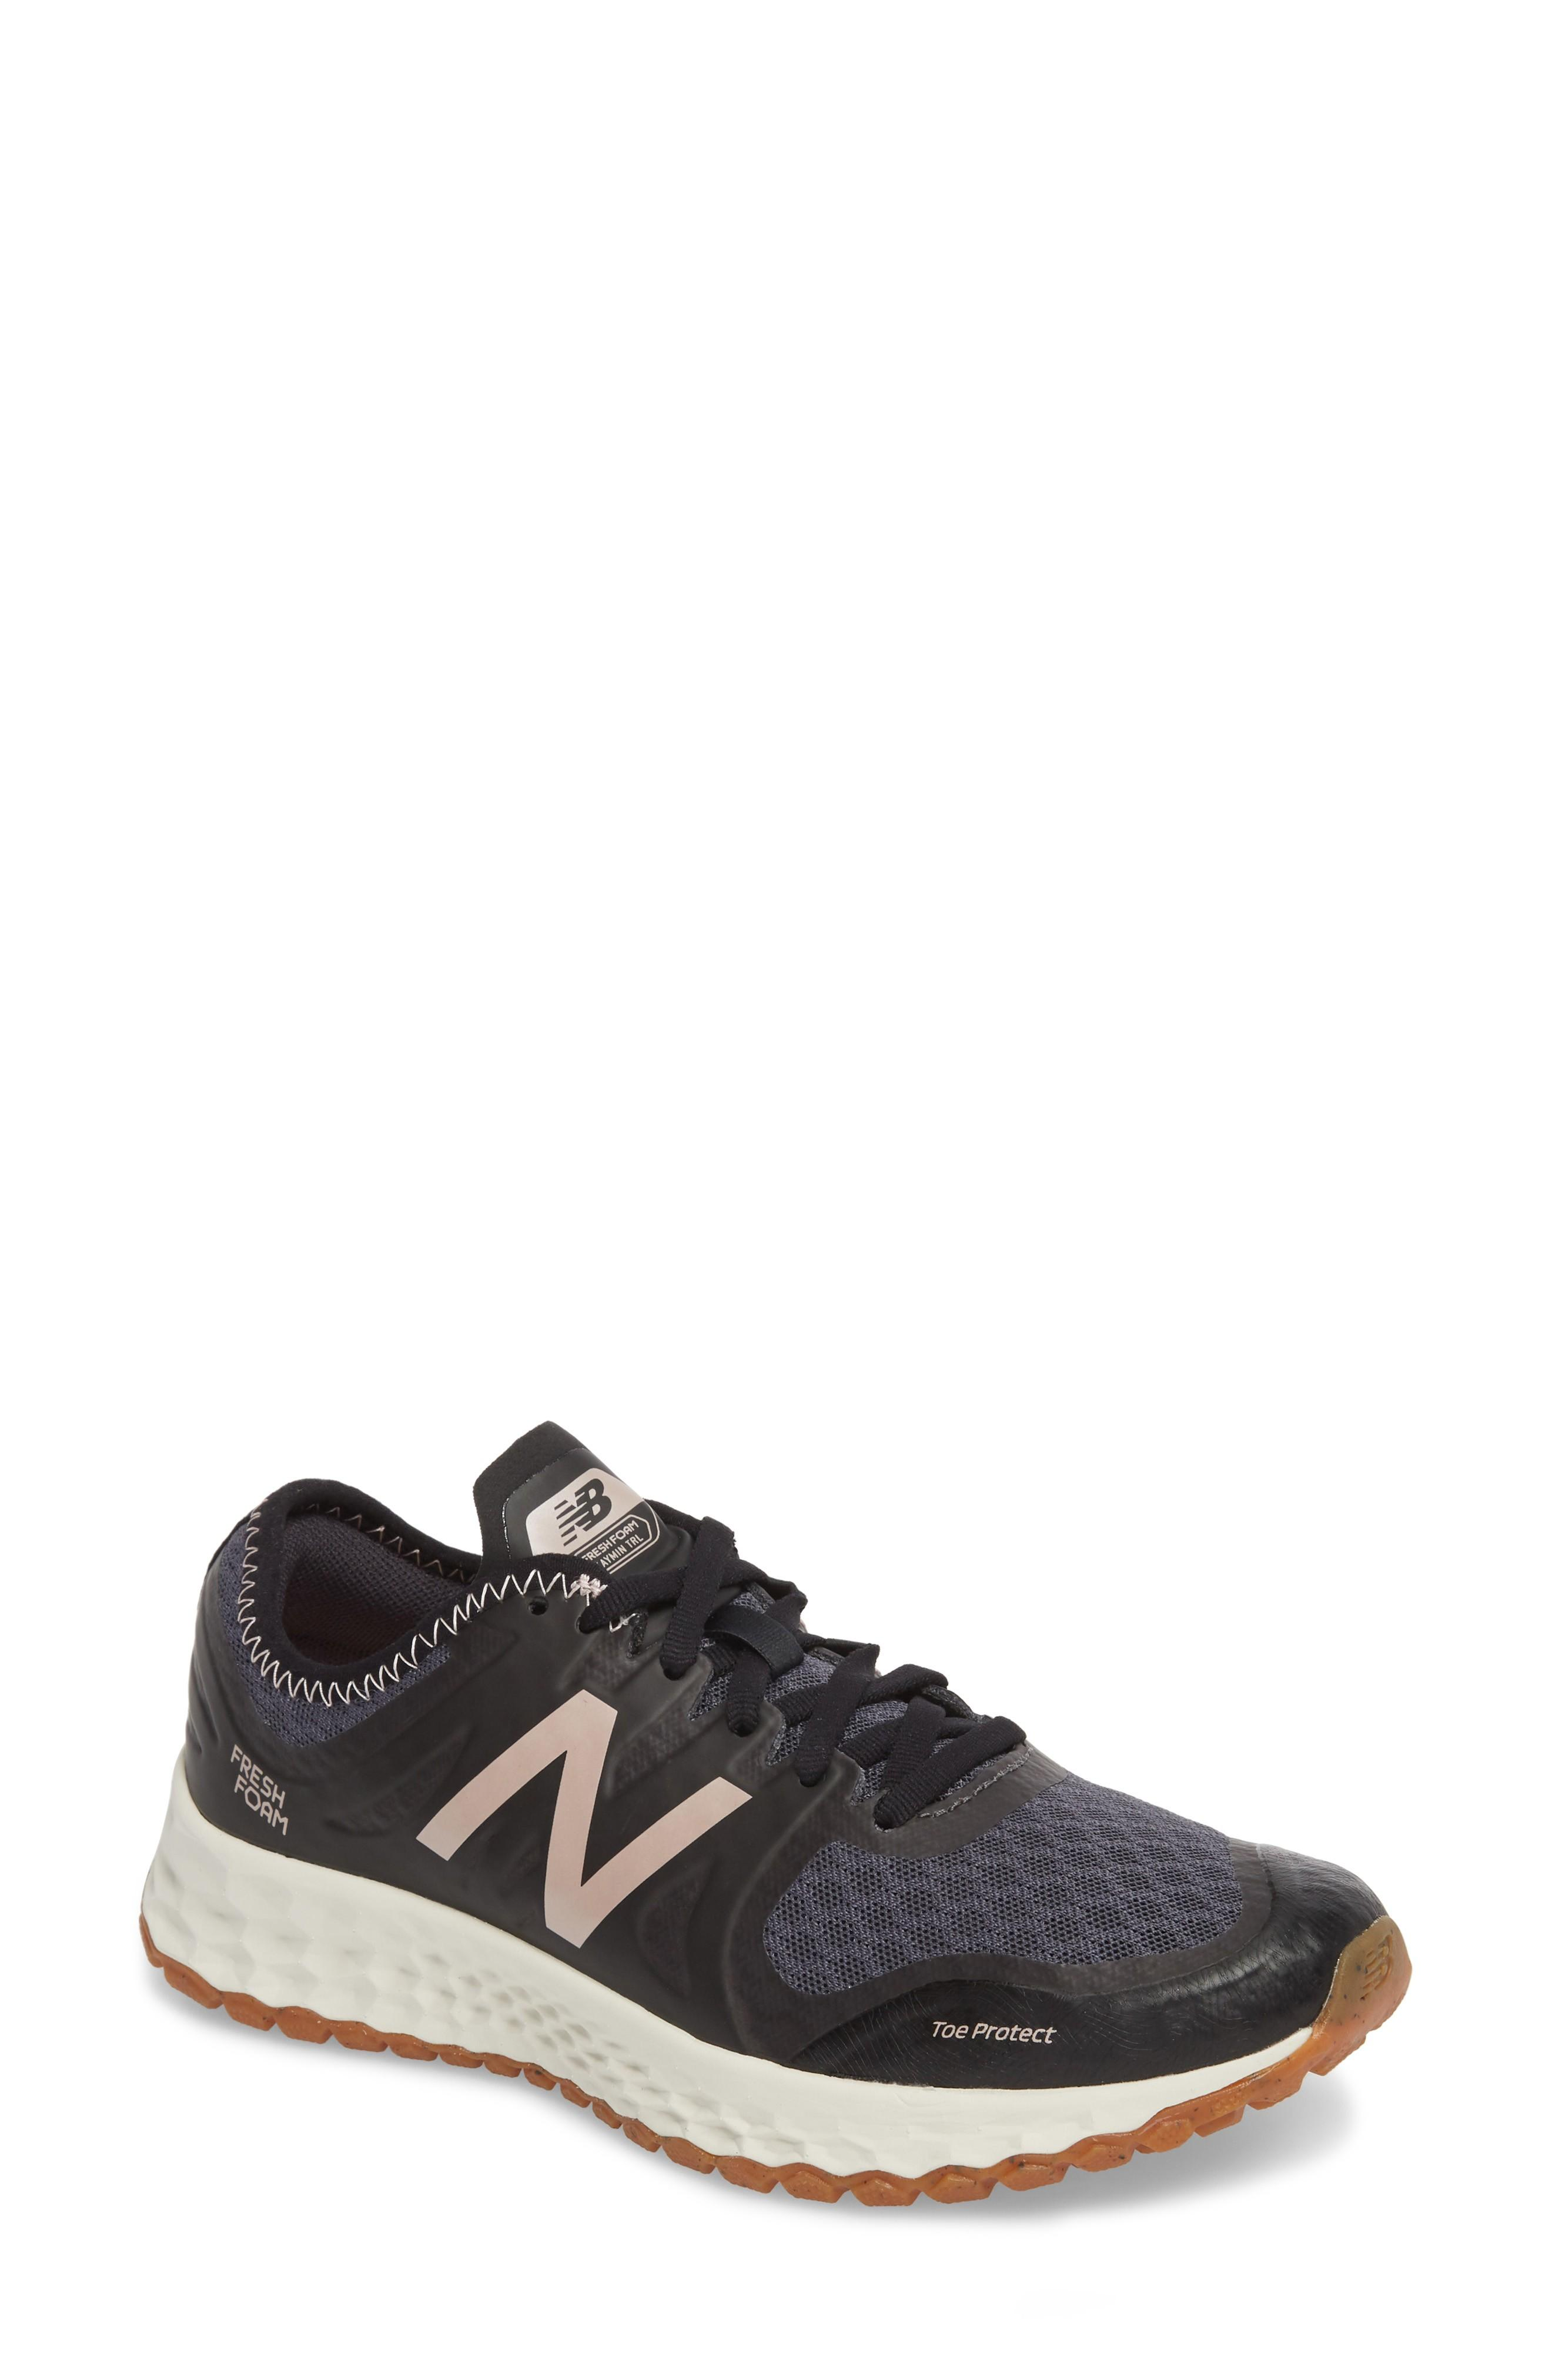 653c8e8b5a8 New Balance Fresh Foam Kaymin Trail Running Shoe In Black